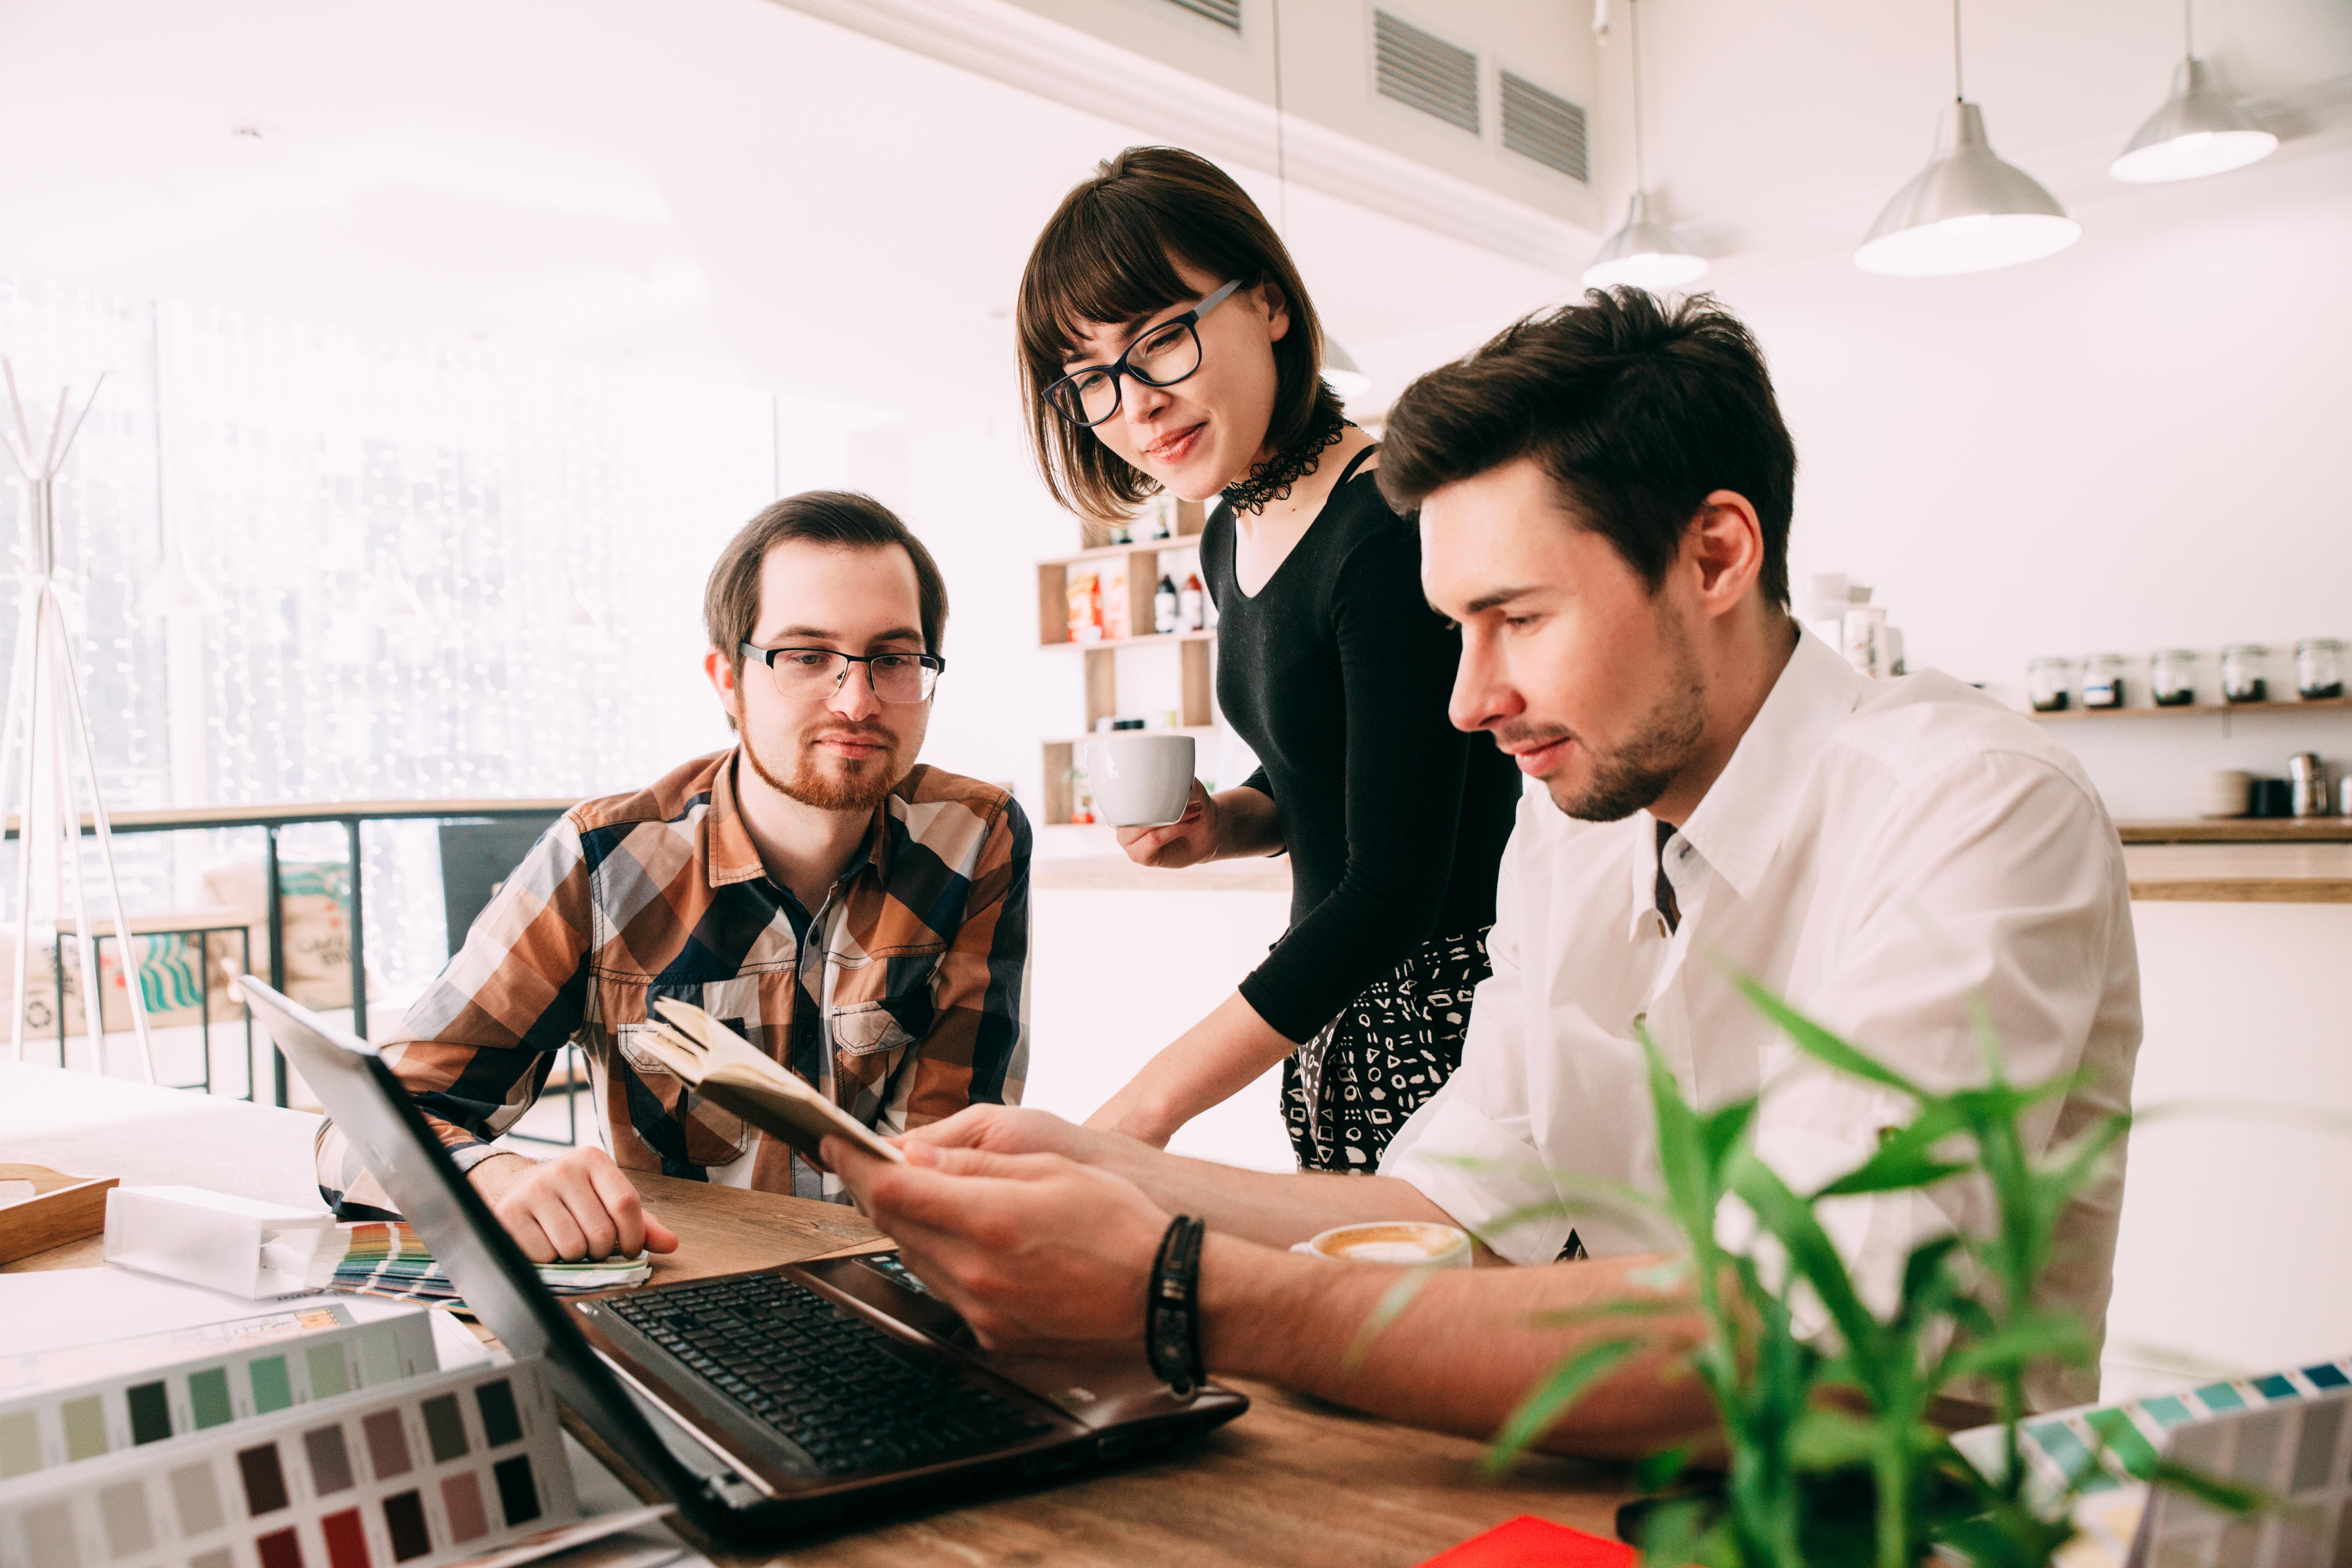 O que é Startup e por que elas brilham os olhos dos investidores?